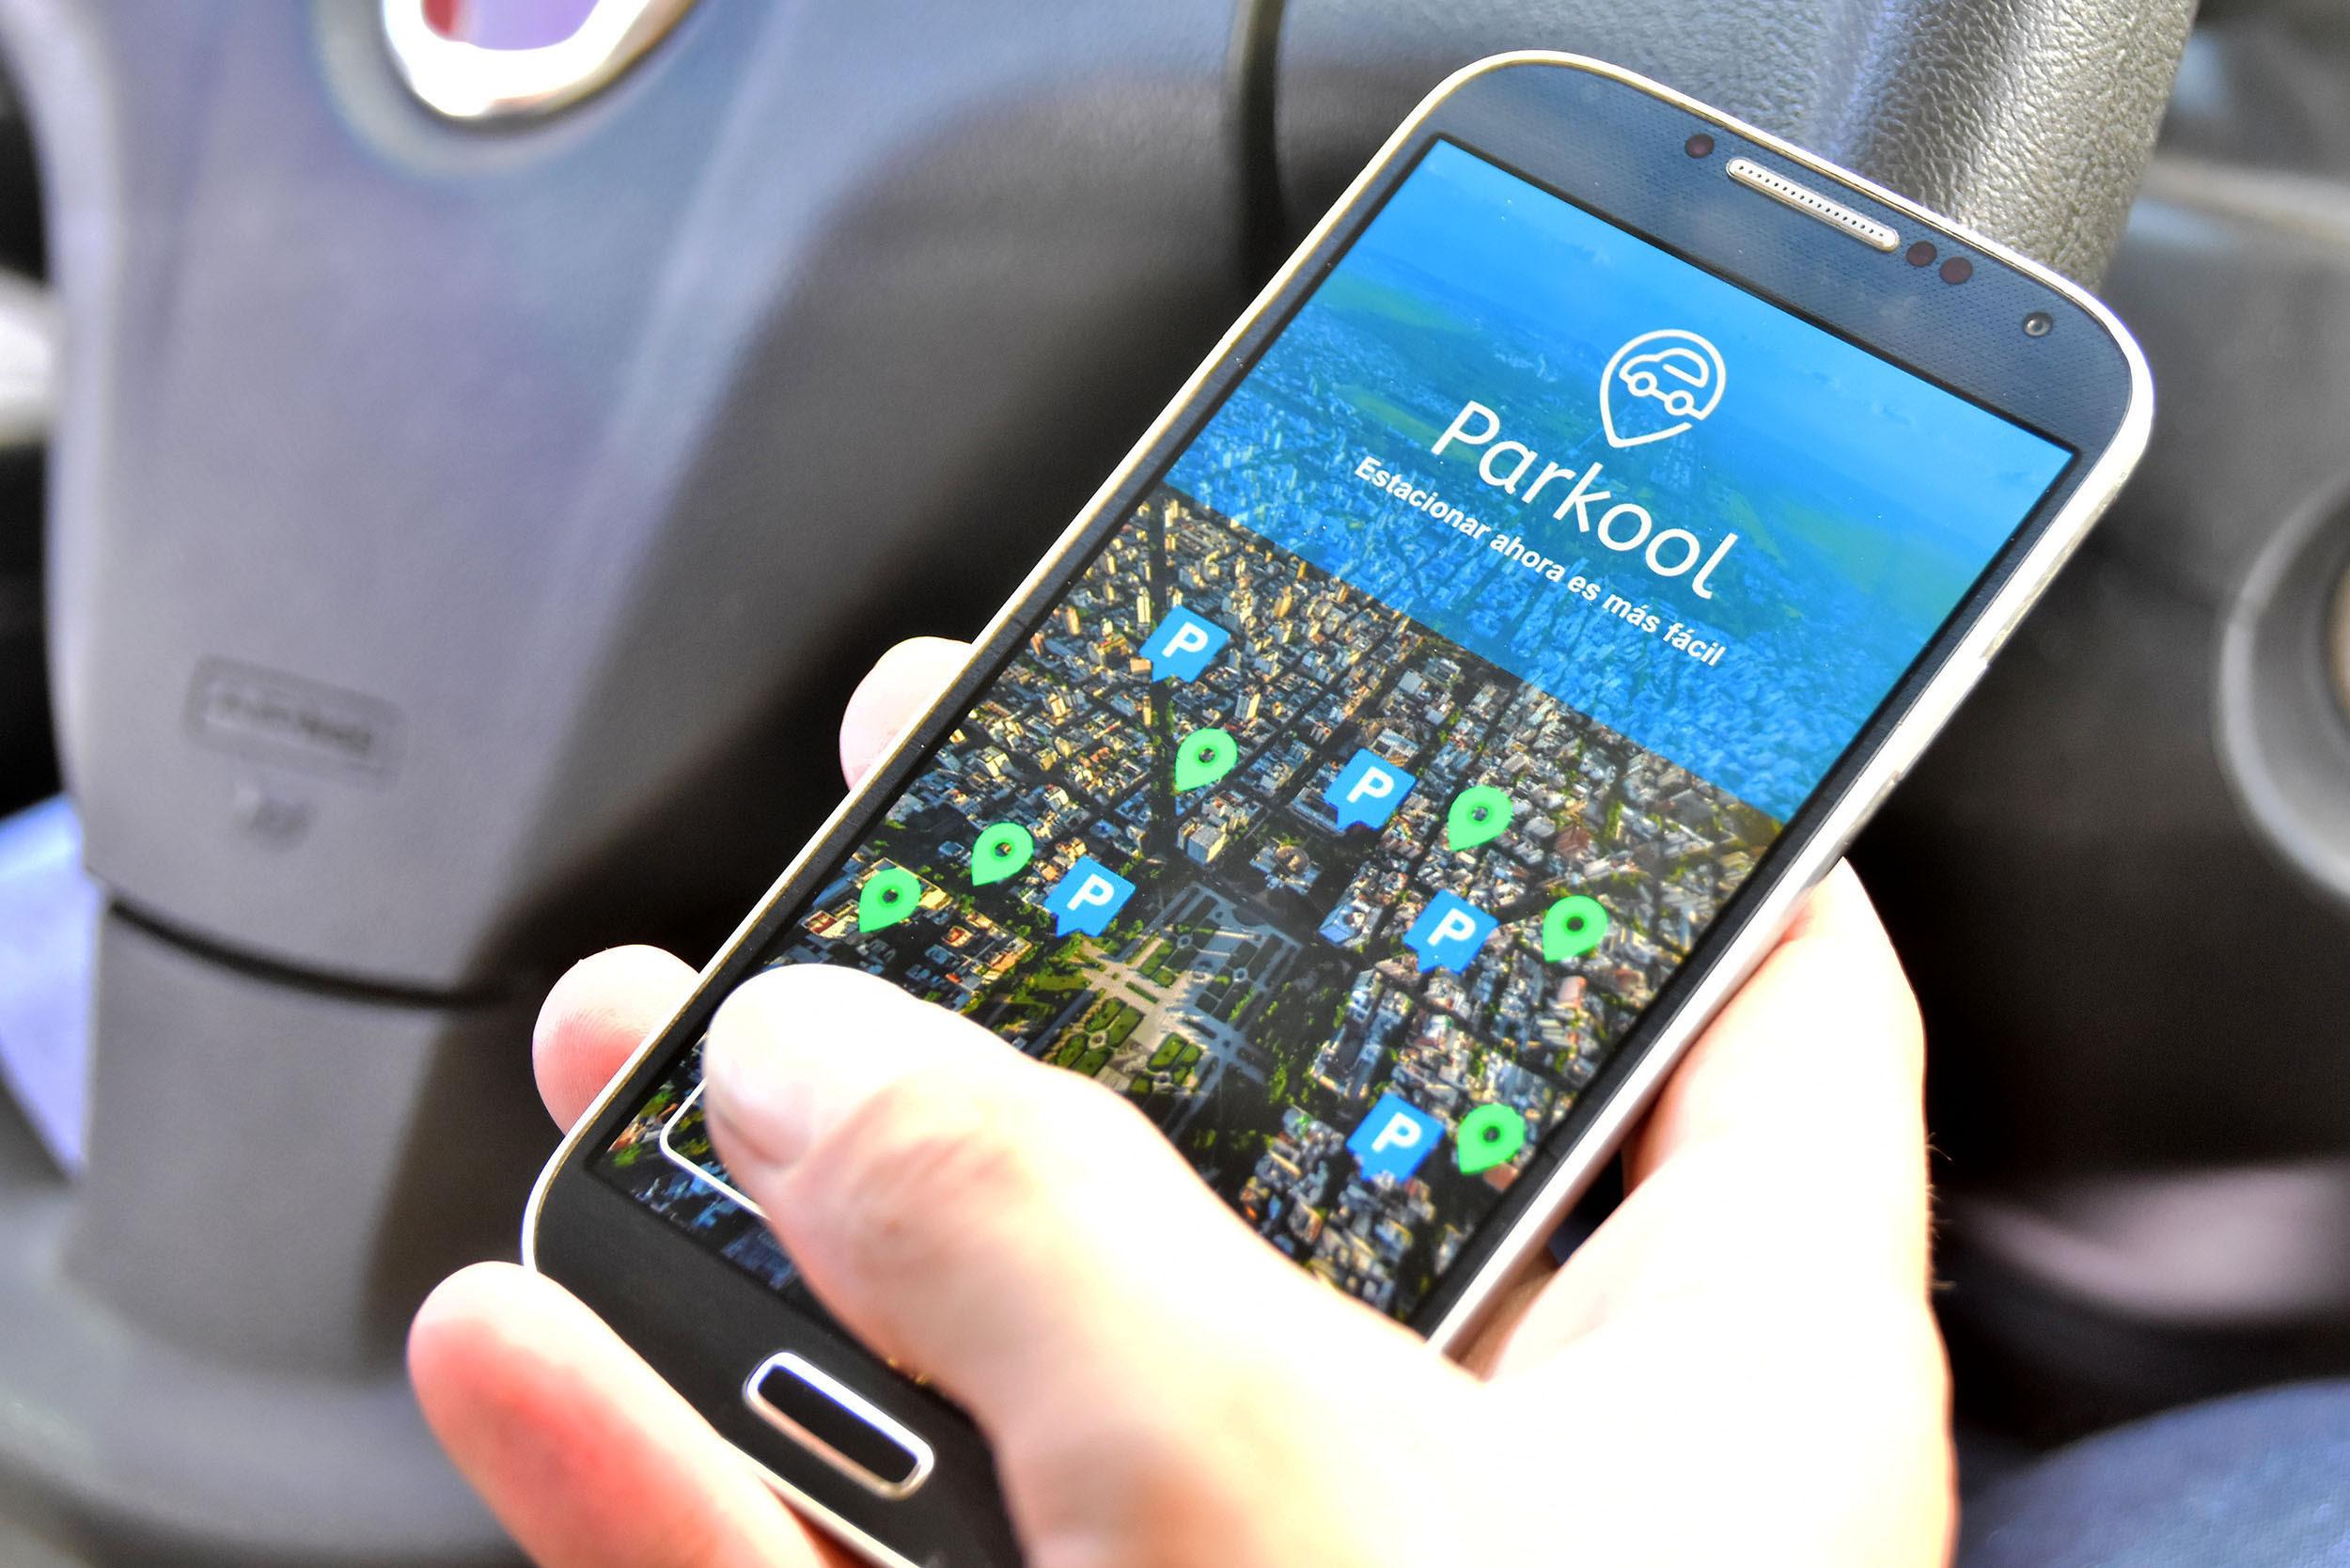 """La Plata la primera ciudad latinoamericana en tener la aplicación """"Parkool"""" para encontrar estacionamiento"""